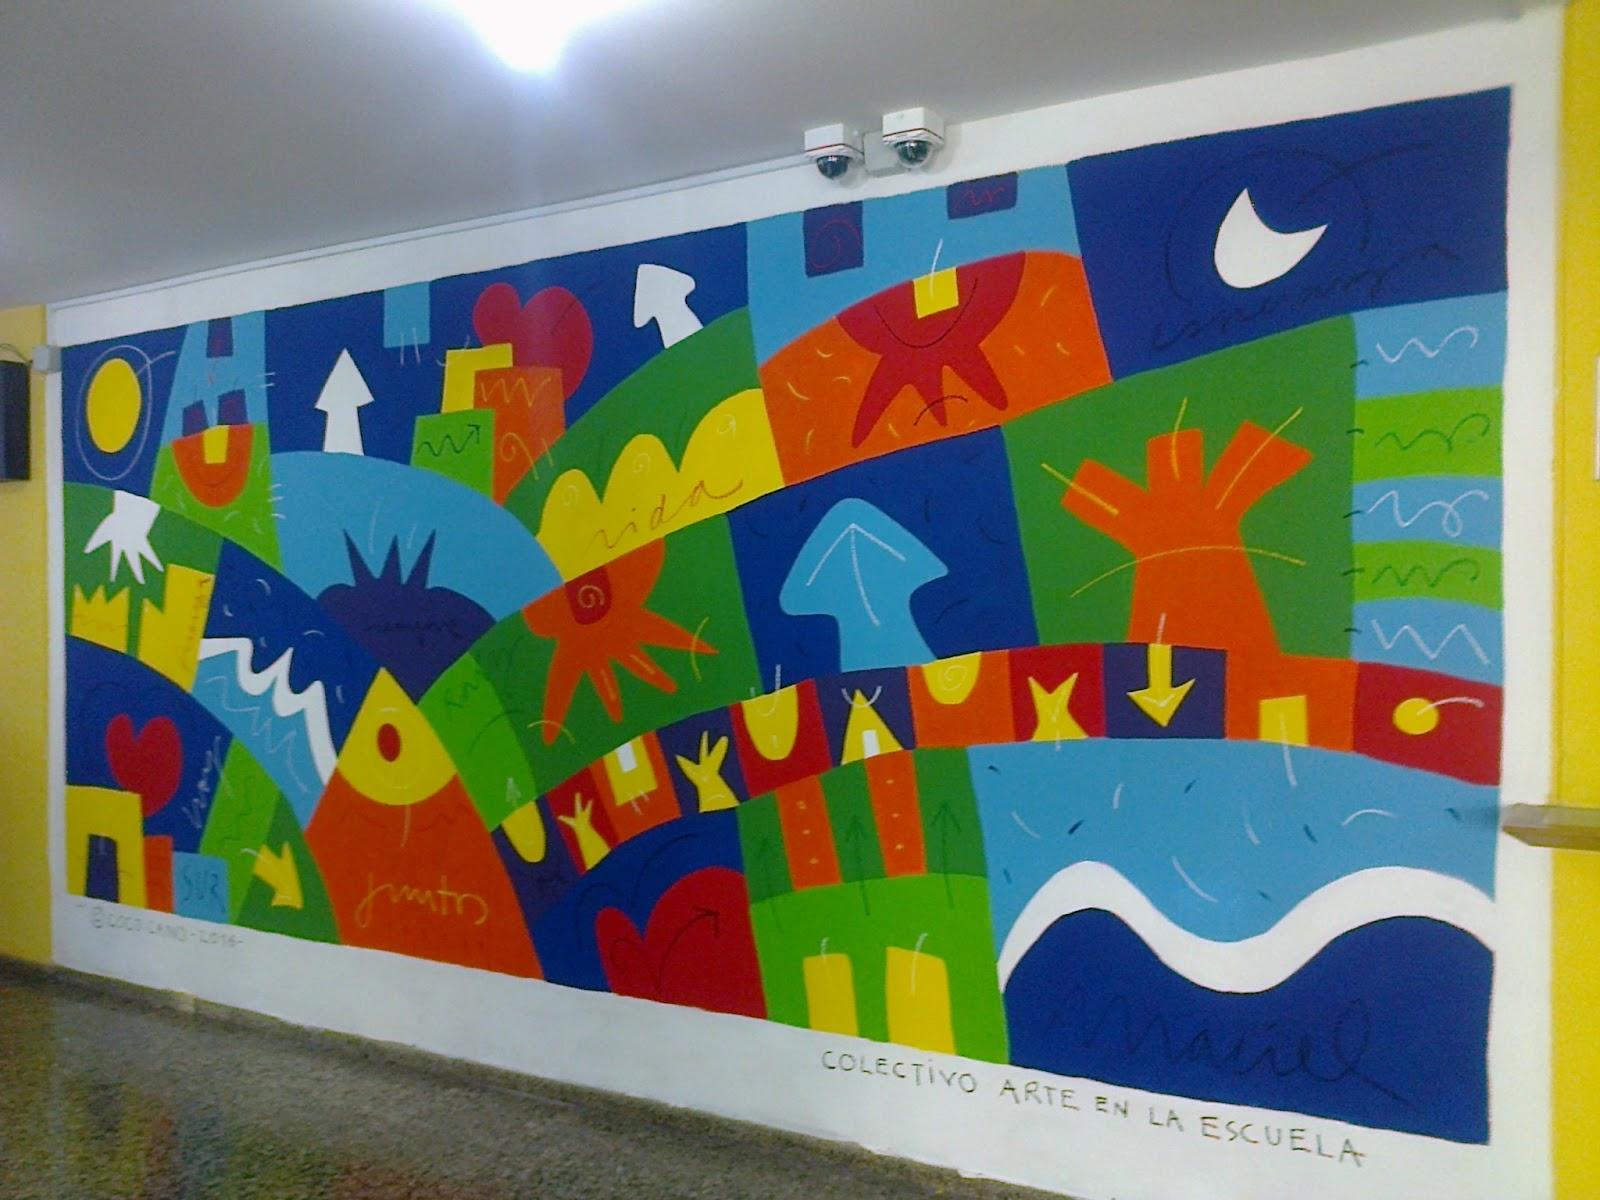 Arte en la escuela intervenciones artisticas muralismo for Arte colectivo mural